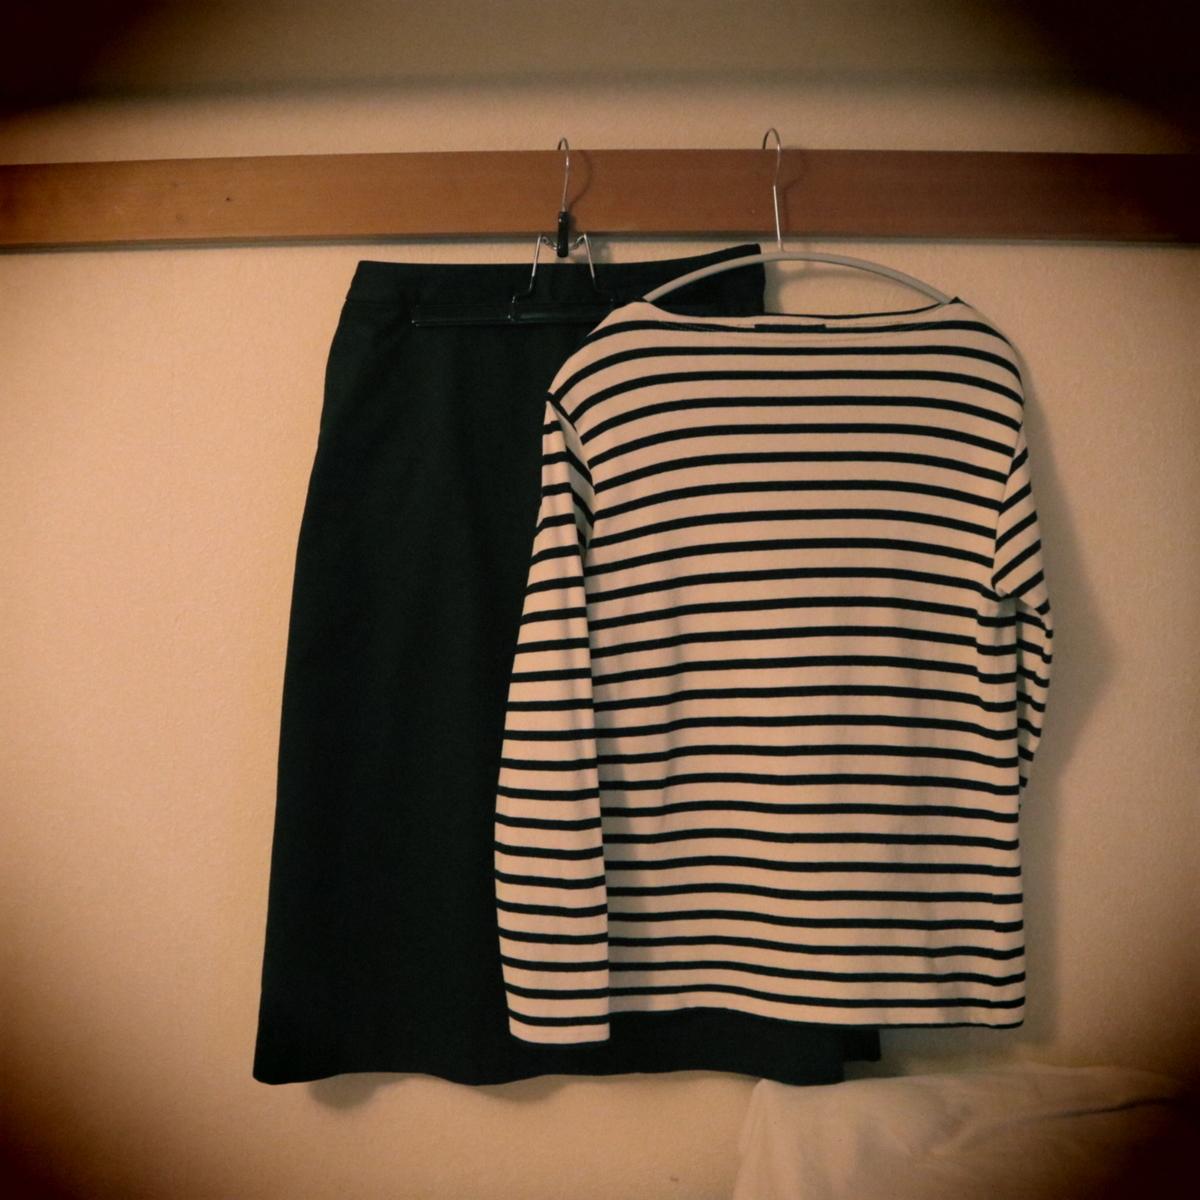 ボーダーカットソーとスカート